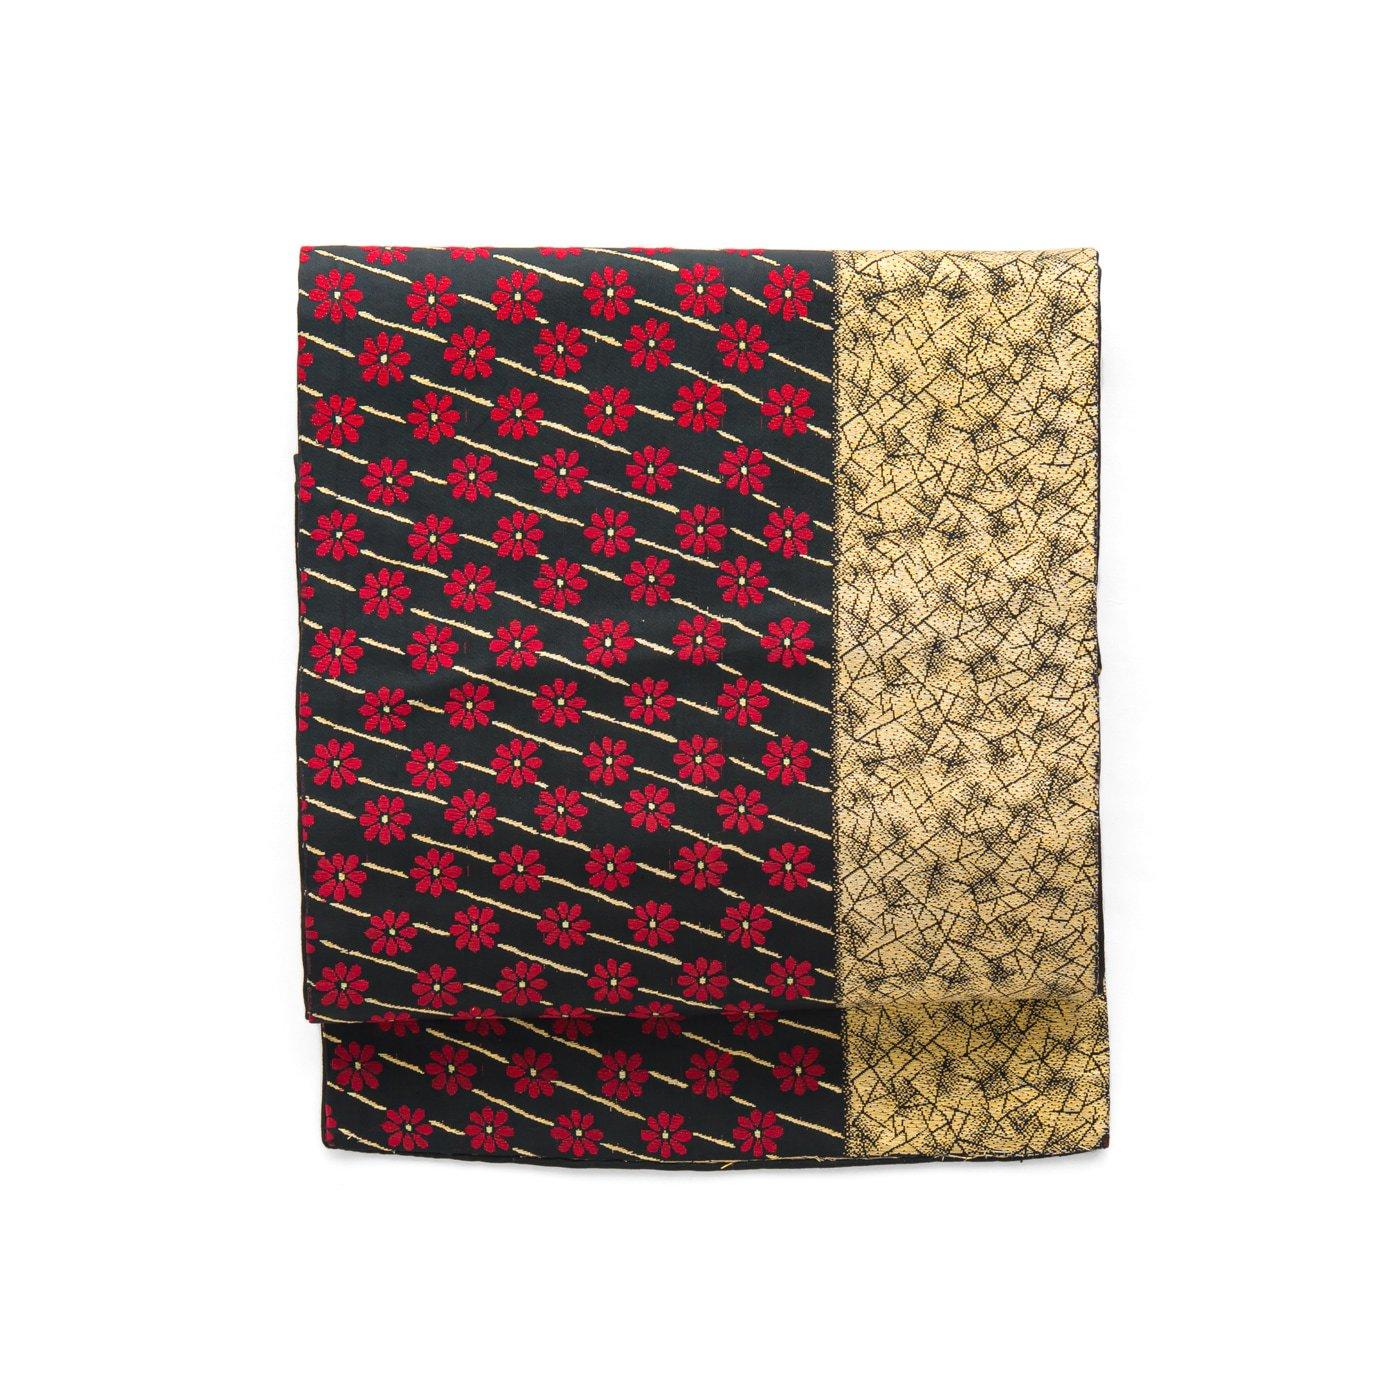 「アンティーク着物 小菊と斜め縞」の商品画像